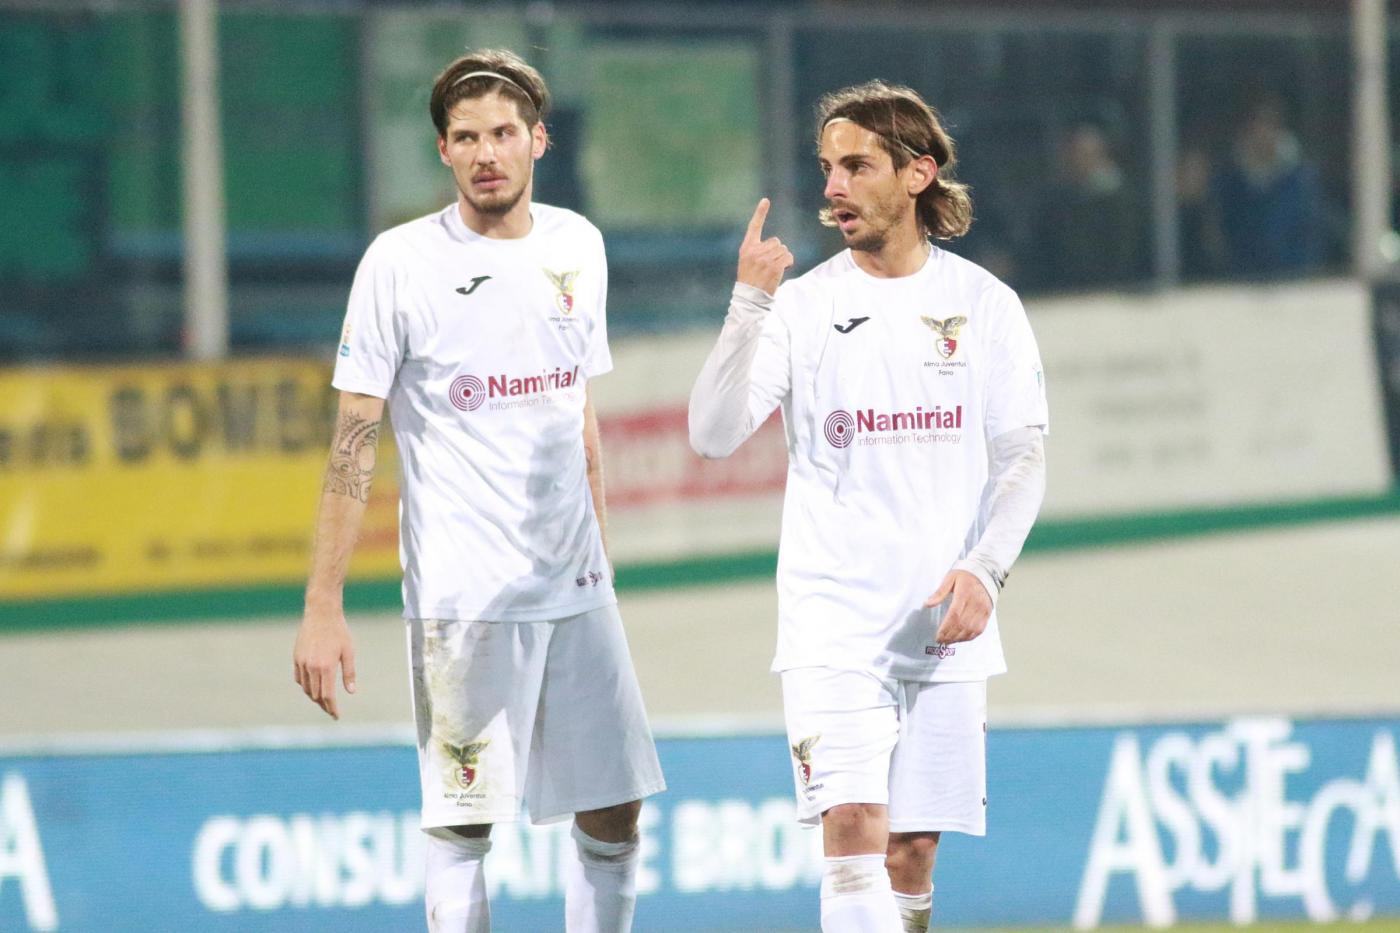 Serie C, Fano-Imolese domenica 30 settembre: analisi e pronostico della quarta giornata della terza divisione italiana